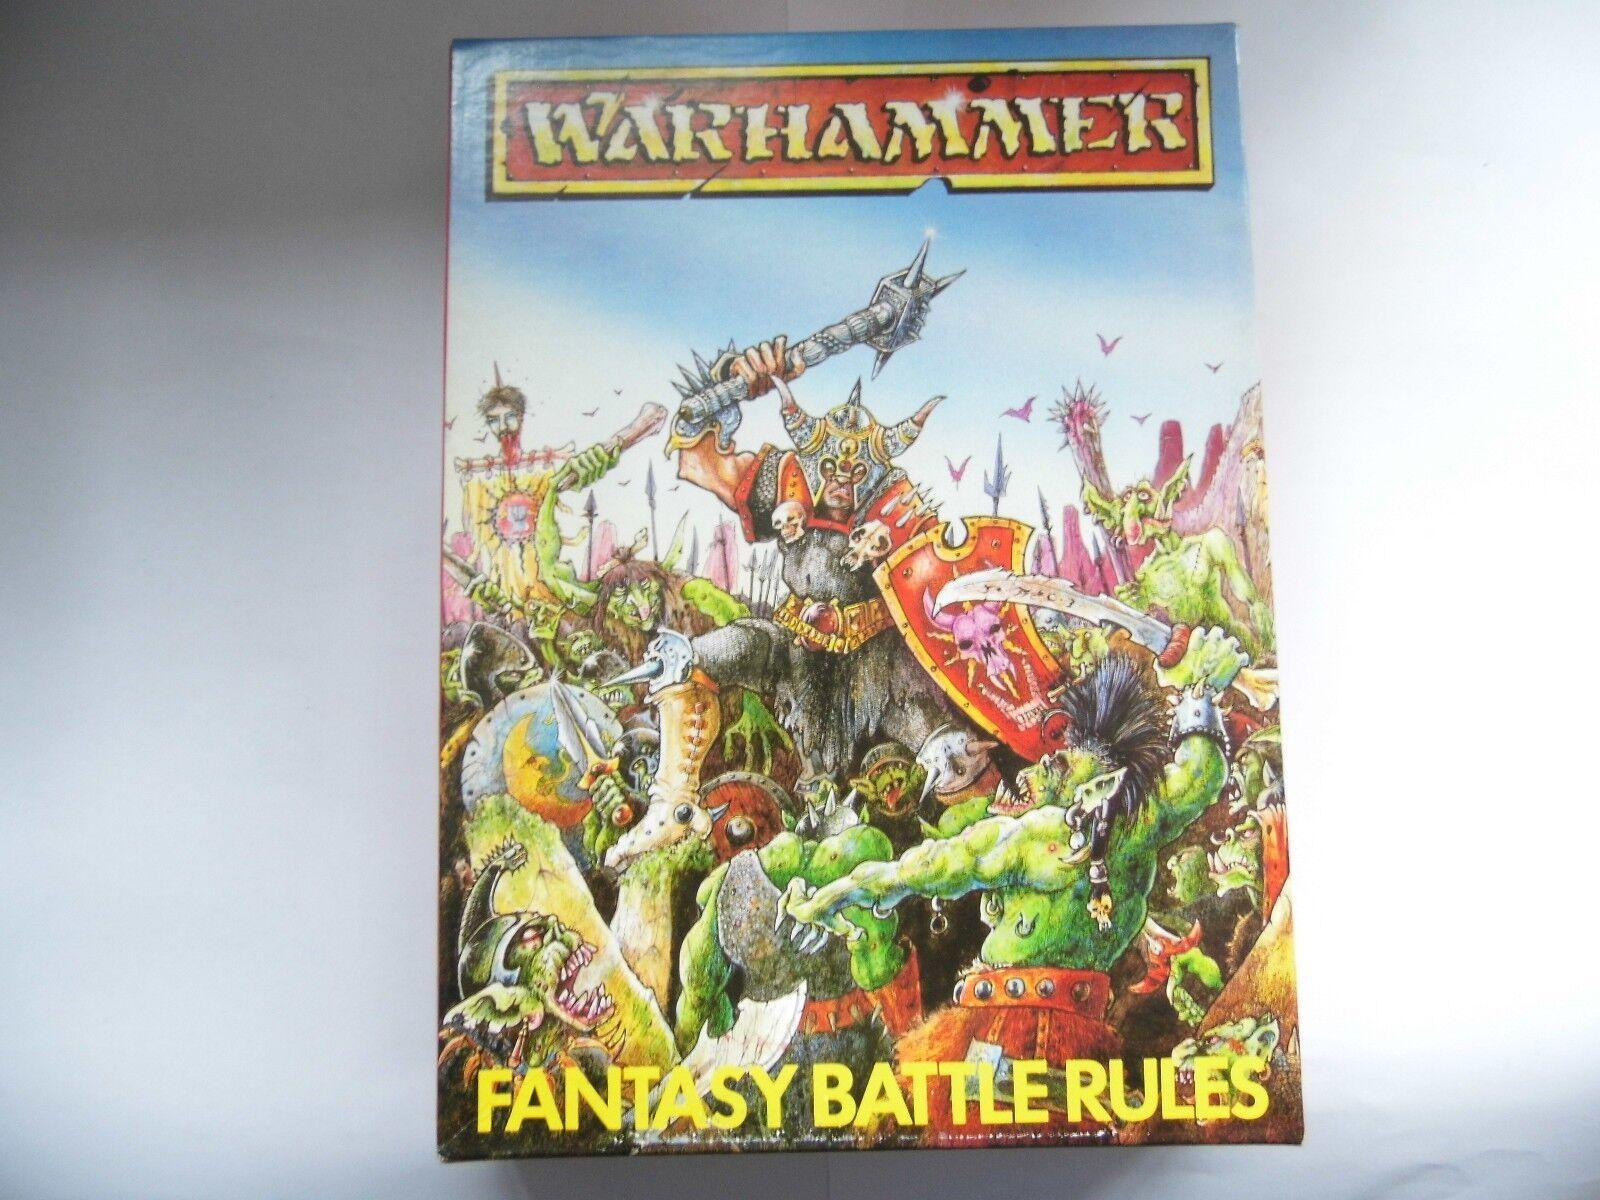 Warhammer Fantaisie Bataille Règles 2nd Édition Games Workshop Joe